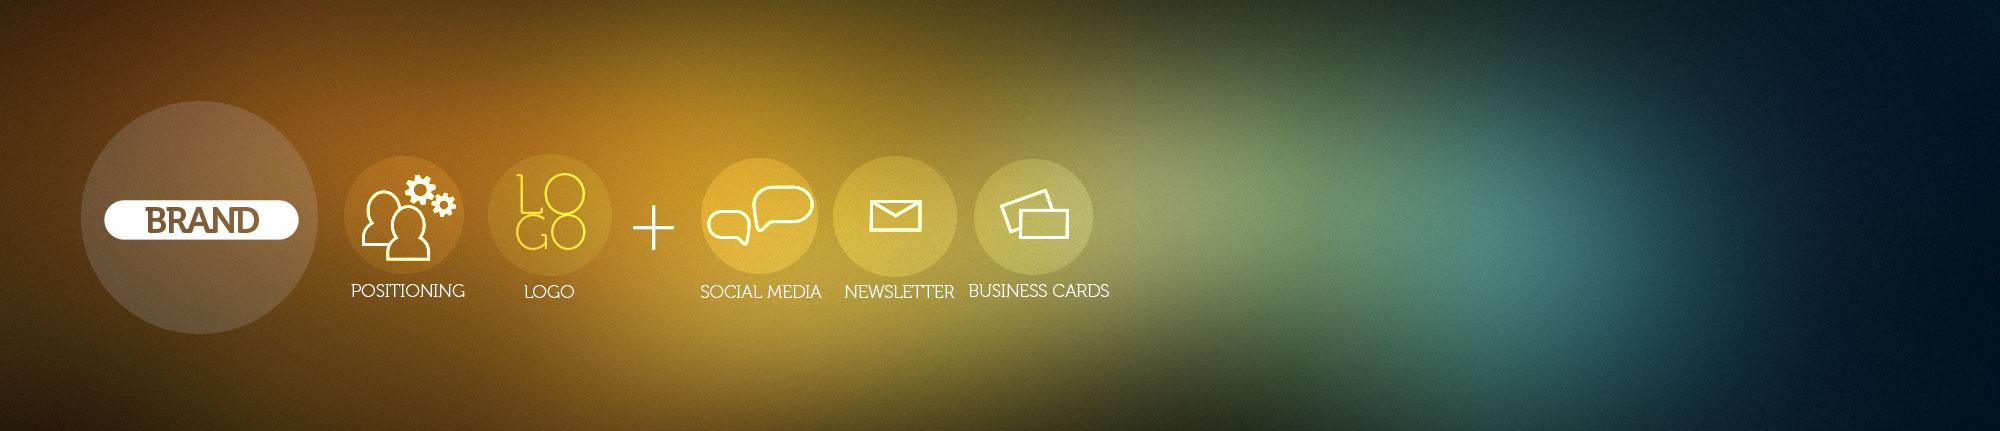 Brand-packages-2.jpg